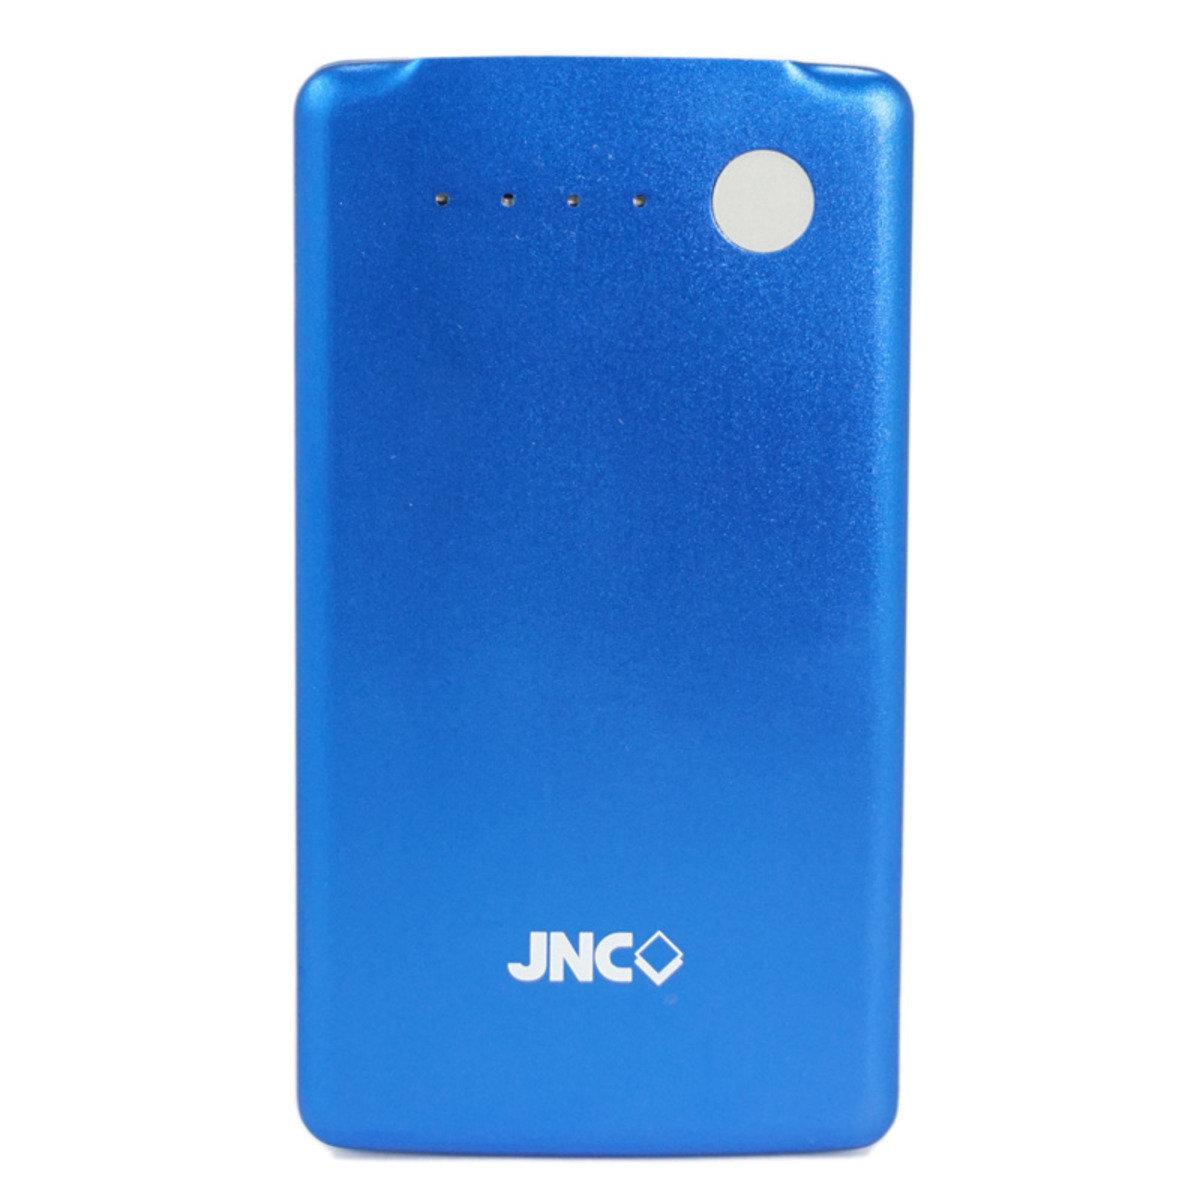 超薄隨身充電器 (藍色)